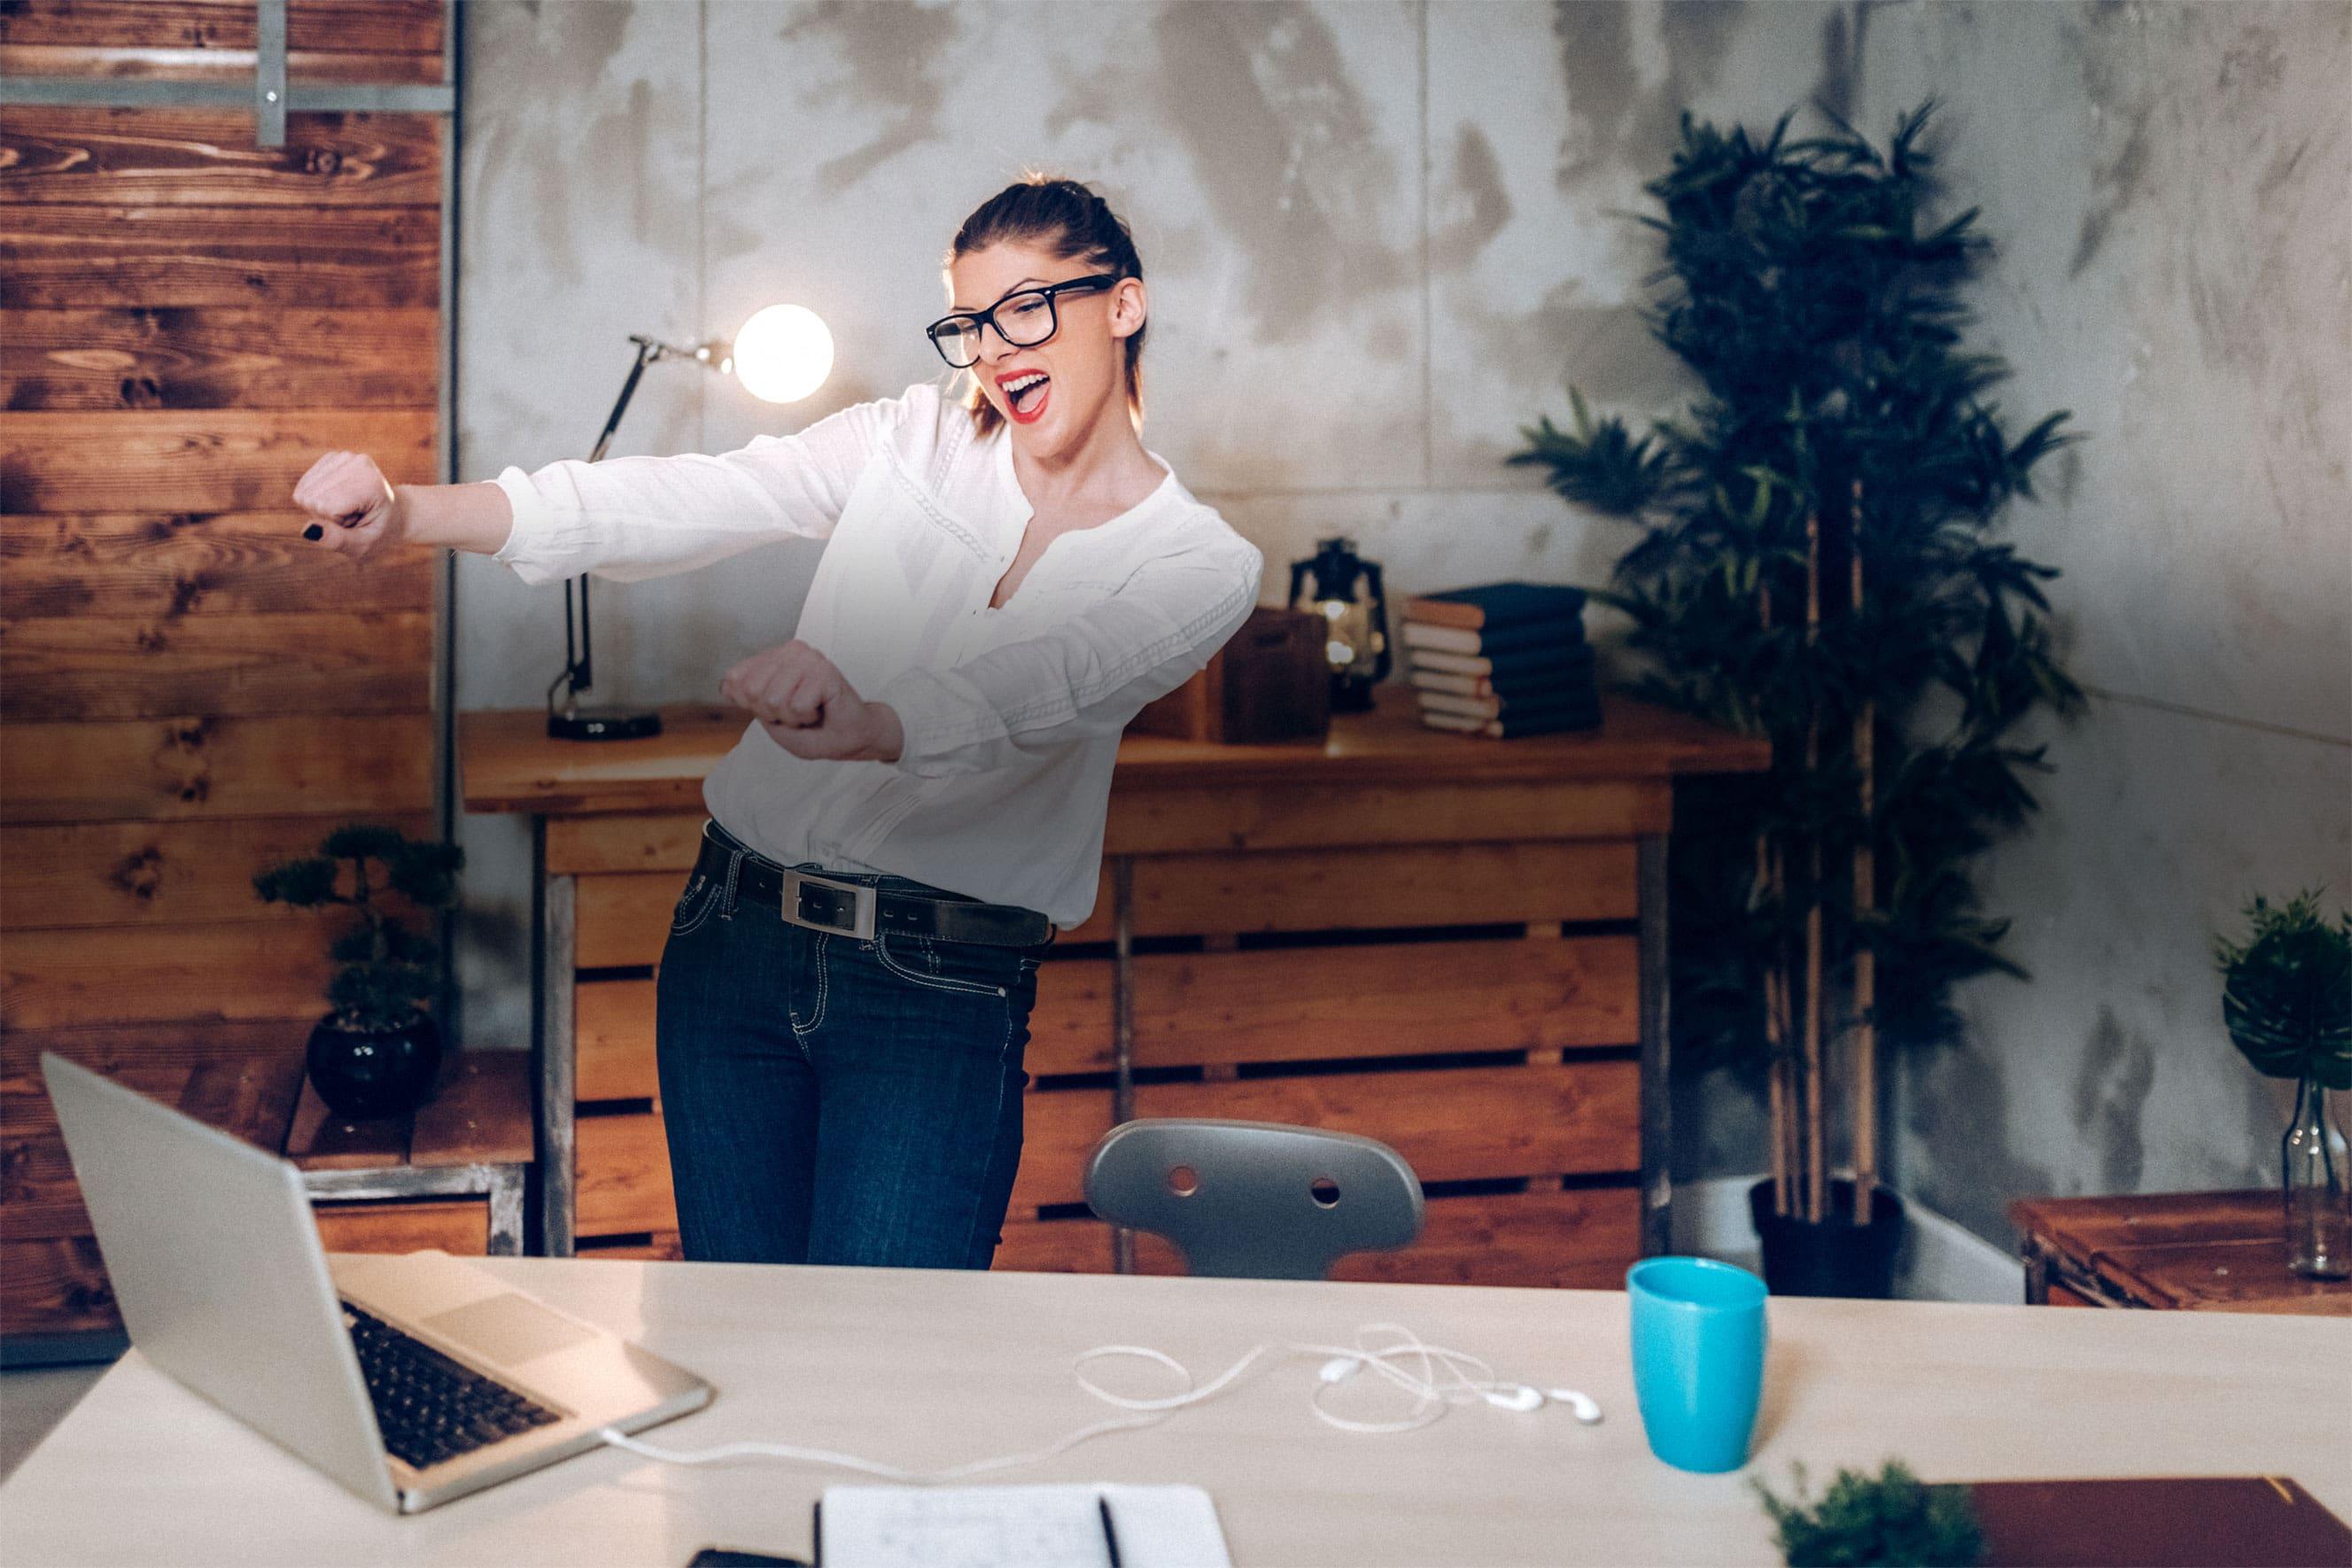 Beratung Digitalisierung: Marketing, Sales und Service zukunftsfähig machen_iStock-©-eclipse_images_Final_909231494